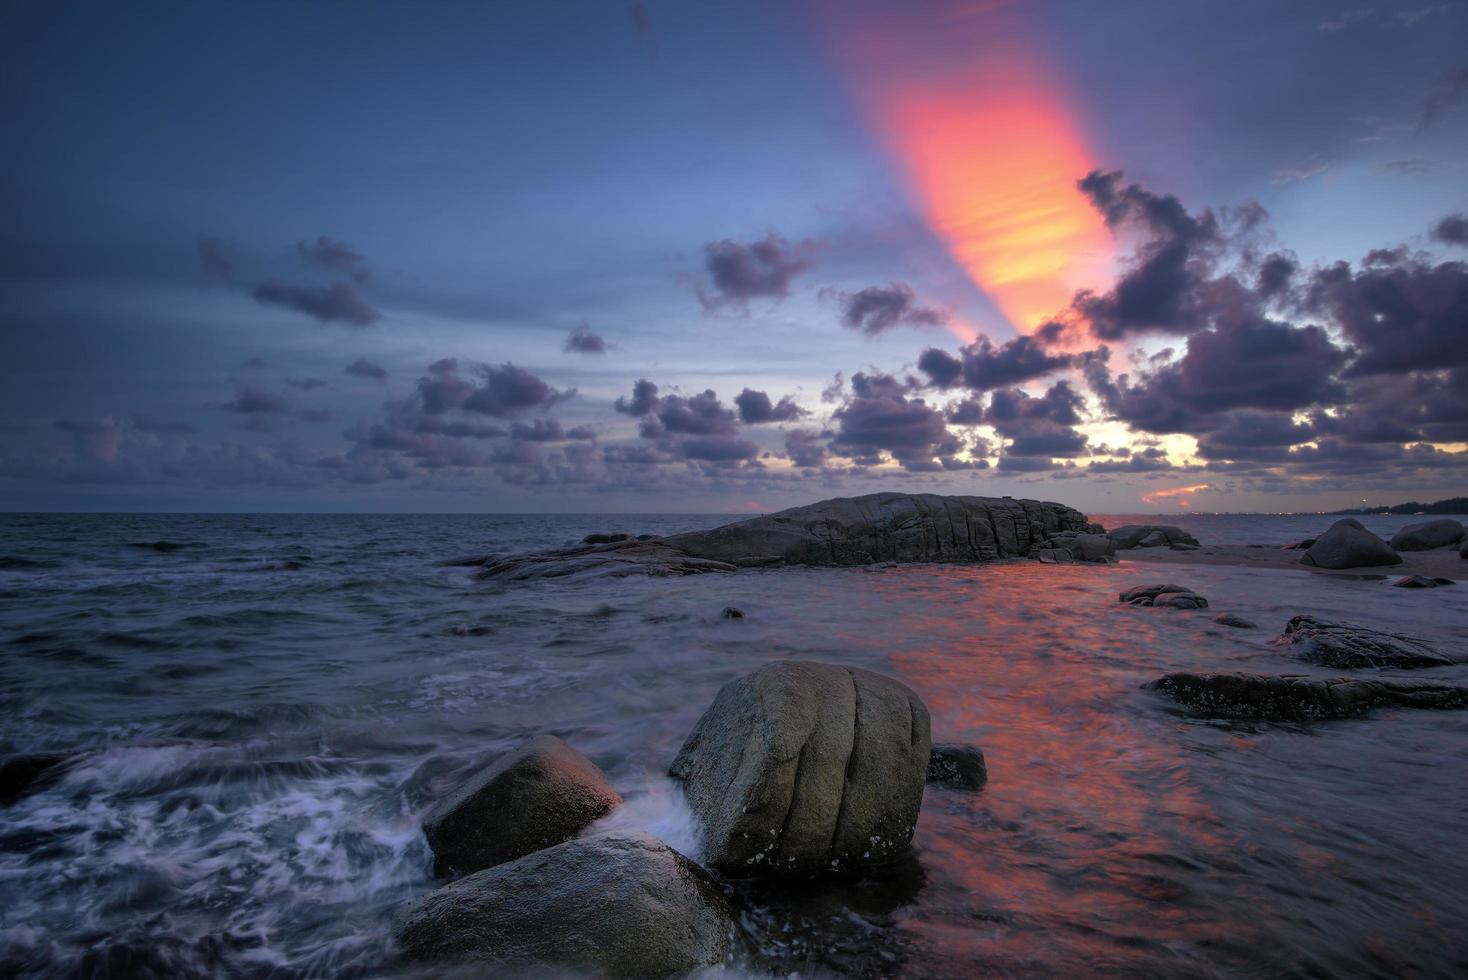 crépuscule sur la mer photo